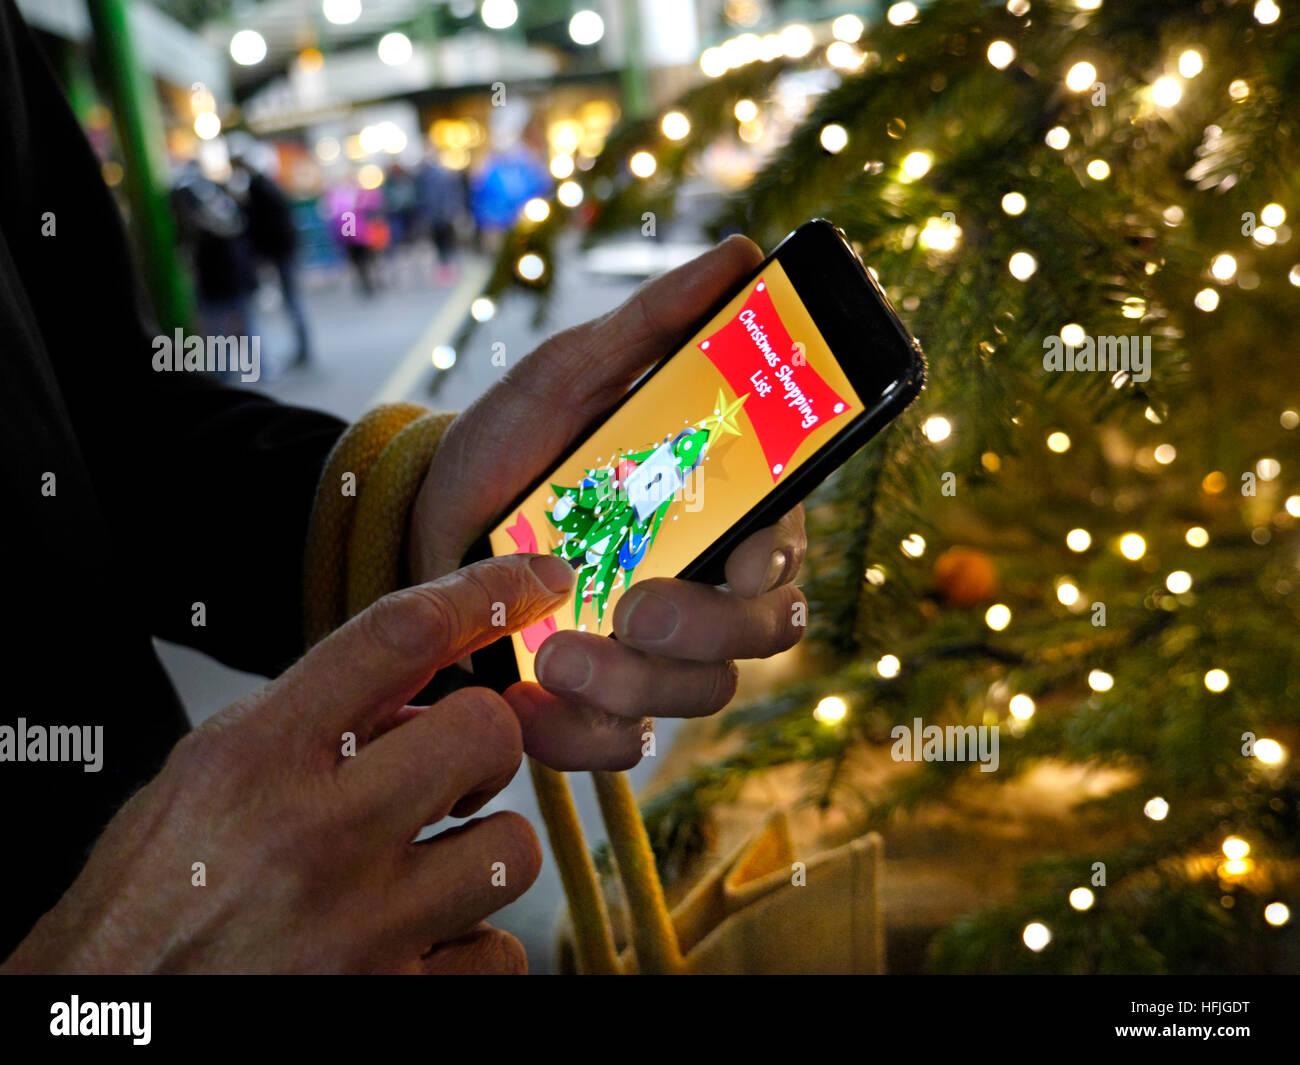 Weihnachten Smartphone einkaufen app Baum leuchten Reifen city ...